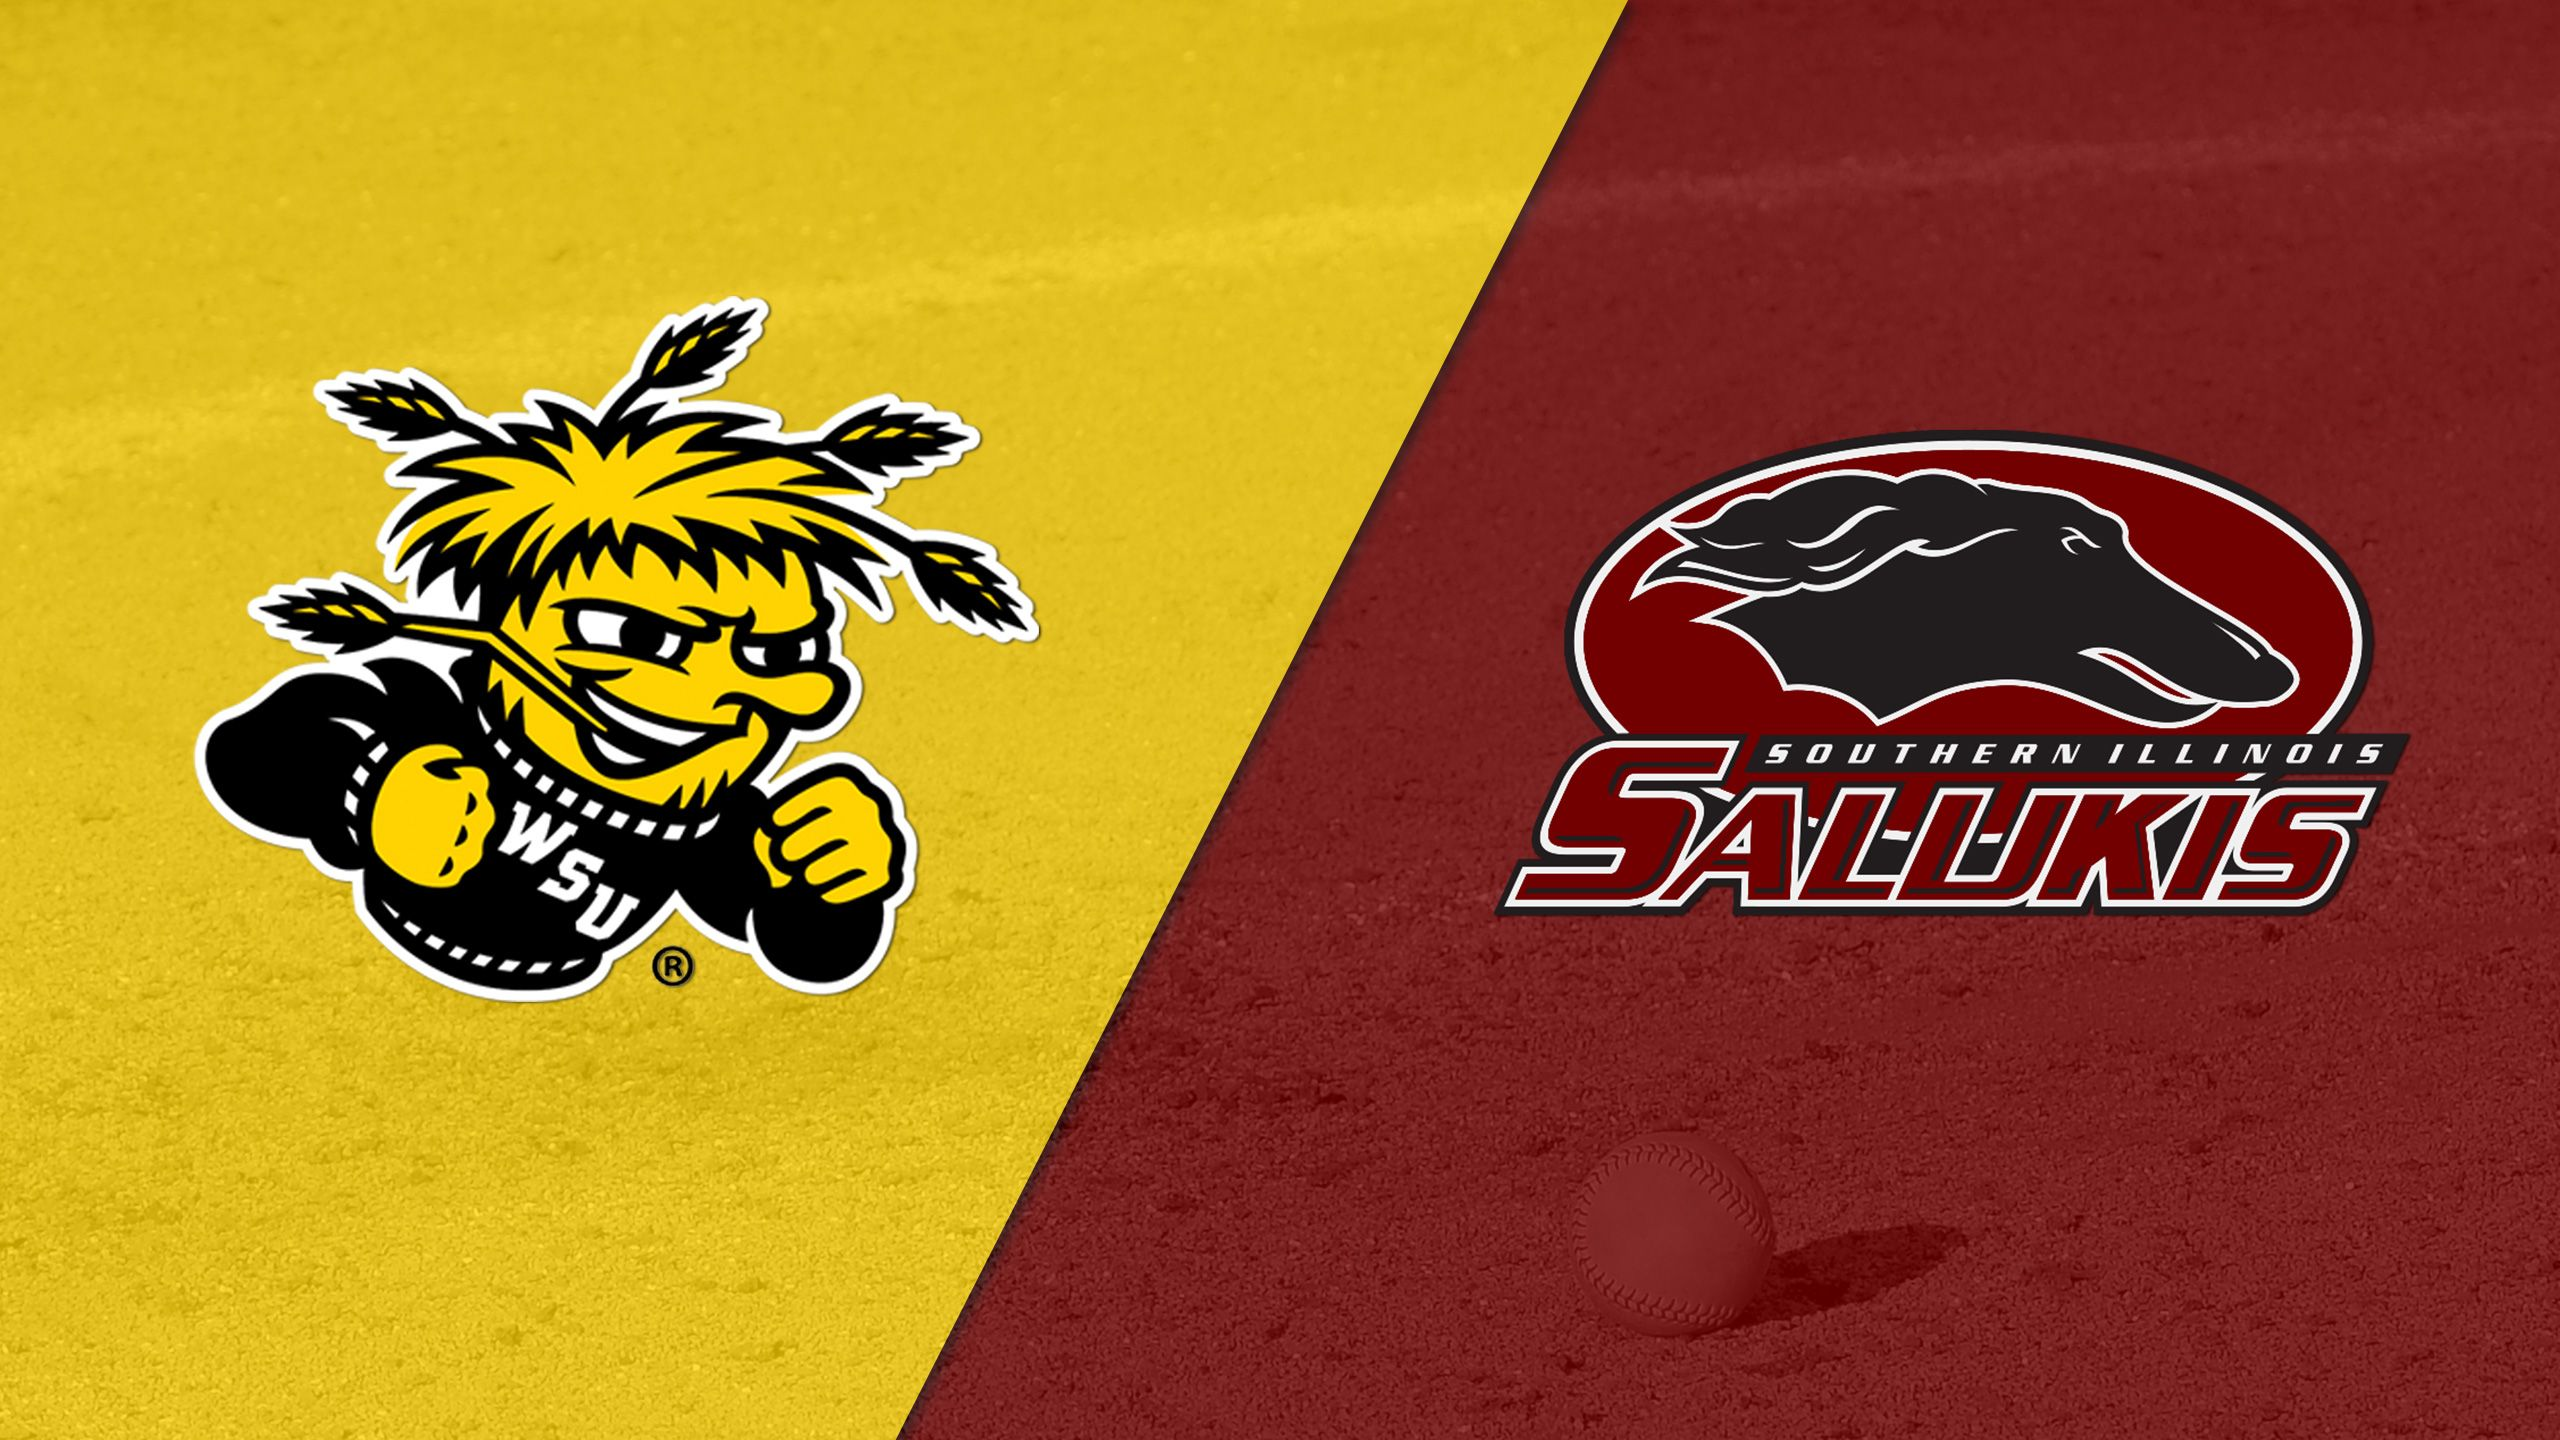 Wichita State vs. Southern Illinois (Softball)